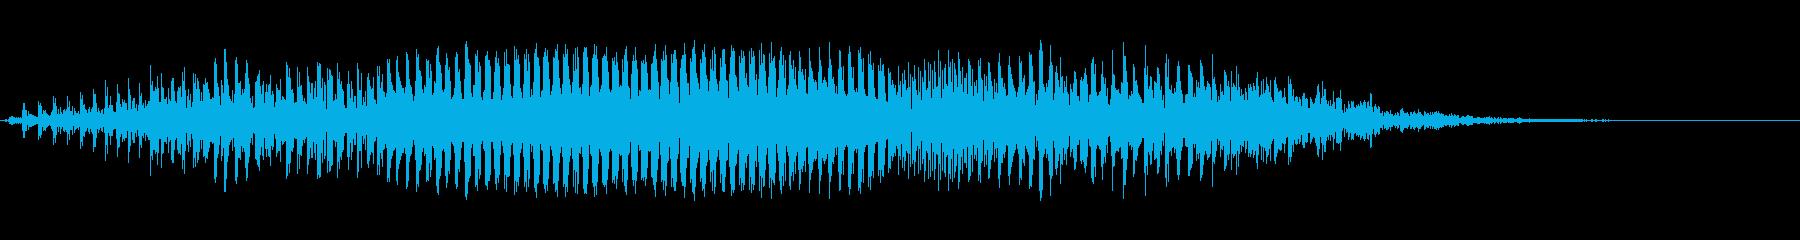 モォ〜♪牛の鳴き声の効果音 07の再生済みの波形